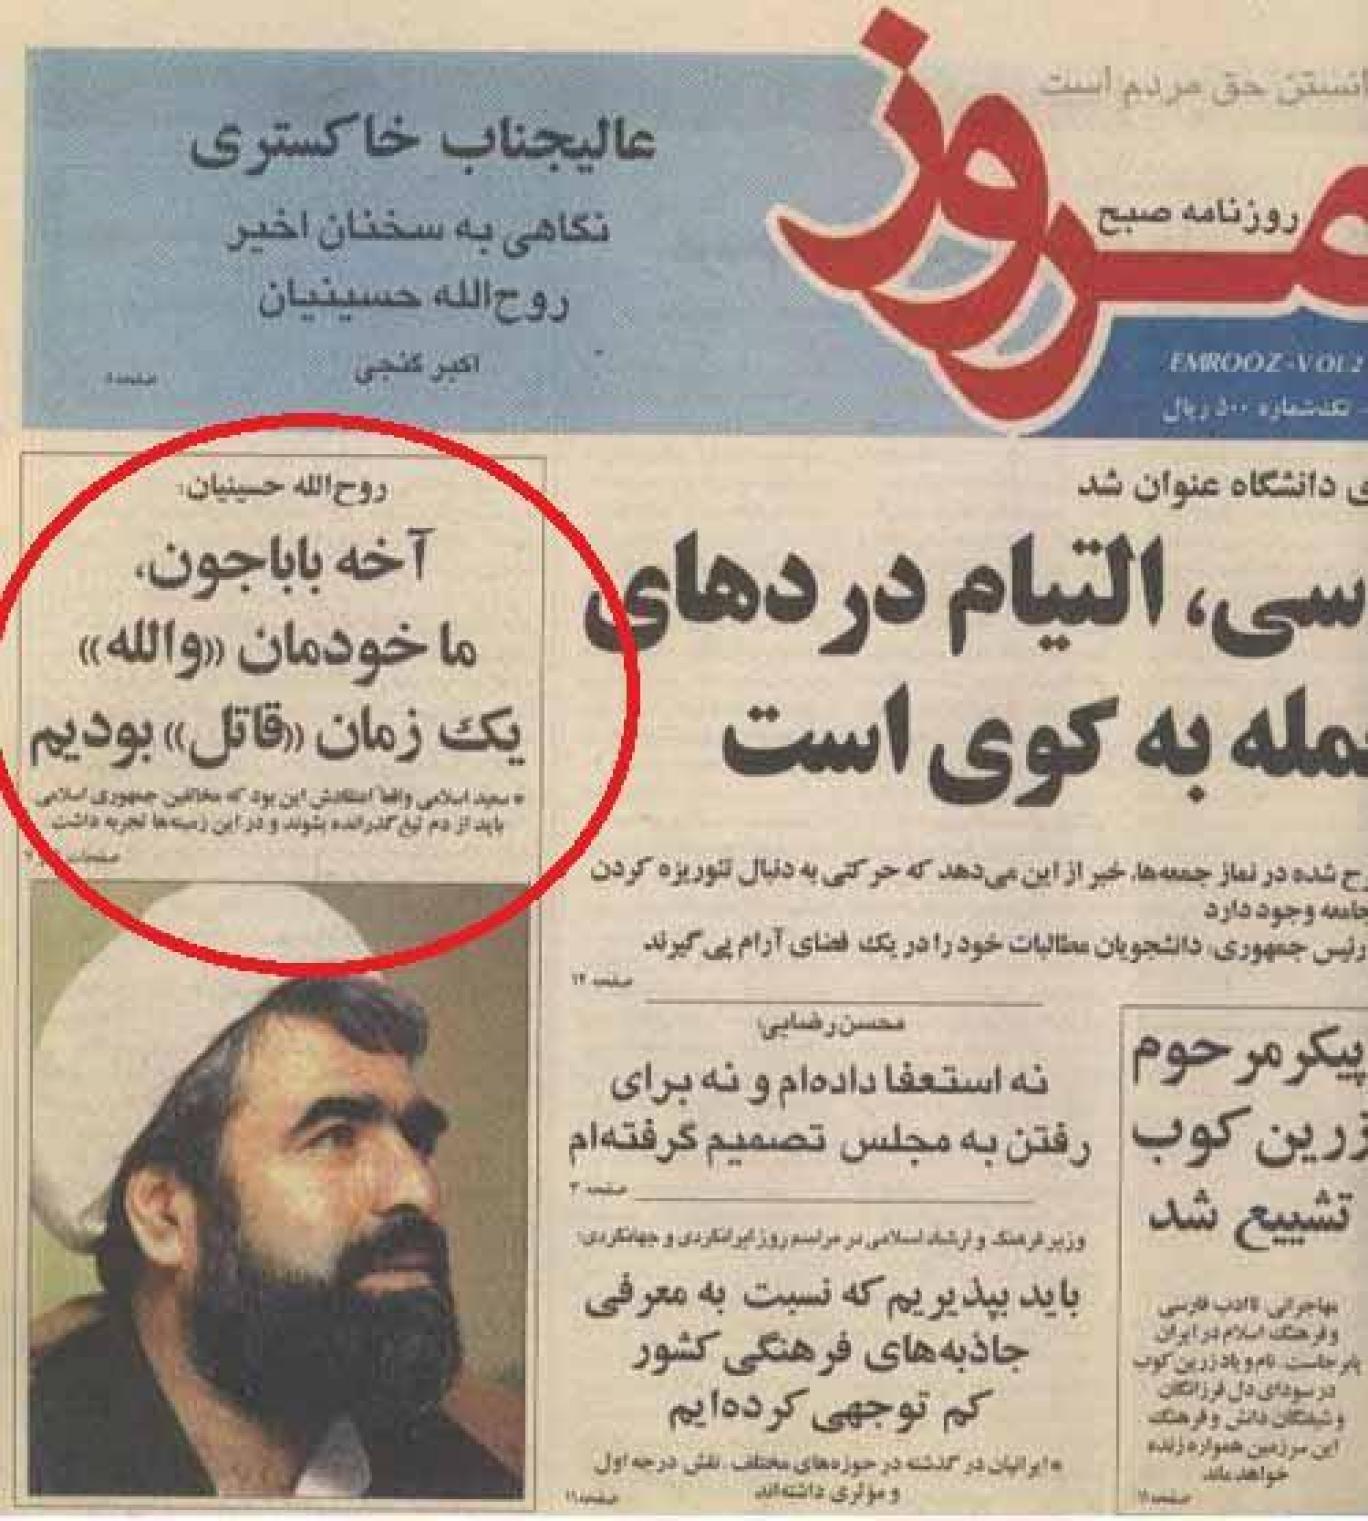 درگذشت روح الله حسینیان یکی از تندروترین چهره های امنیتی اطلاعاتی ایندیپندنت فارسی